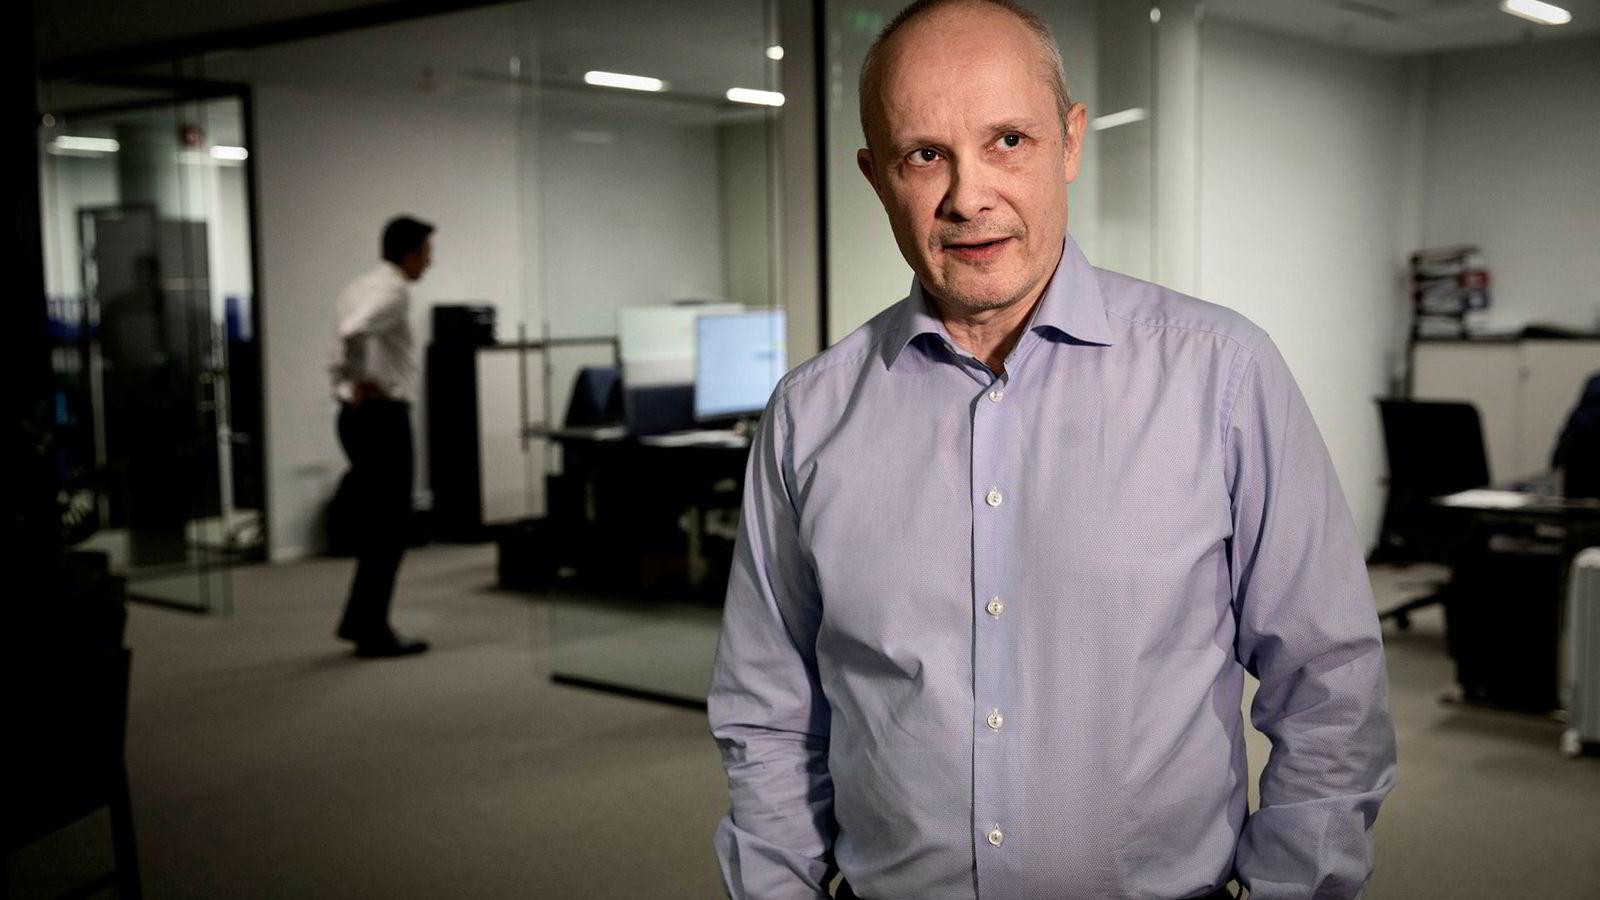 Milliardæren Kjetil Holta tapte penger på børsene i fjor. Nå vil han gjøre flere investeringer utenfor børs og selskaper med stabile utbytter til aksjonærene.